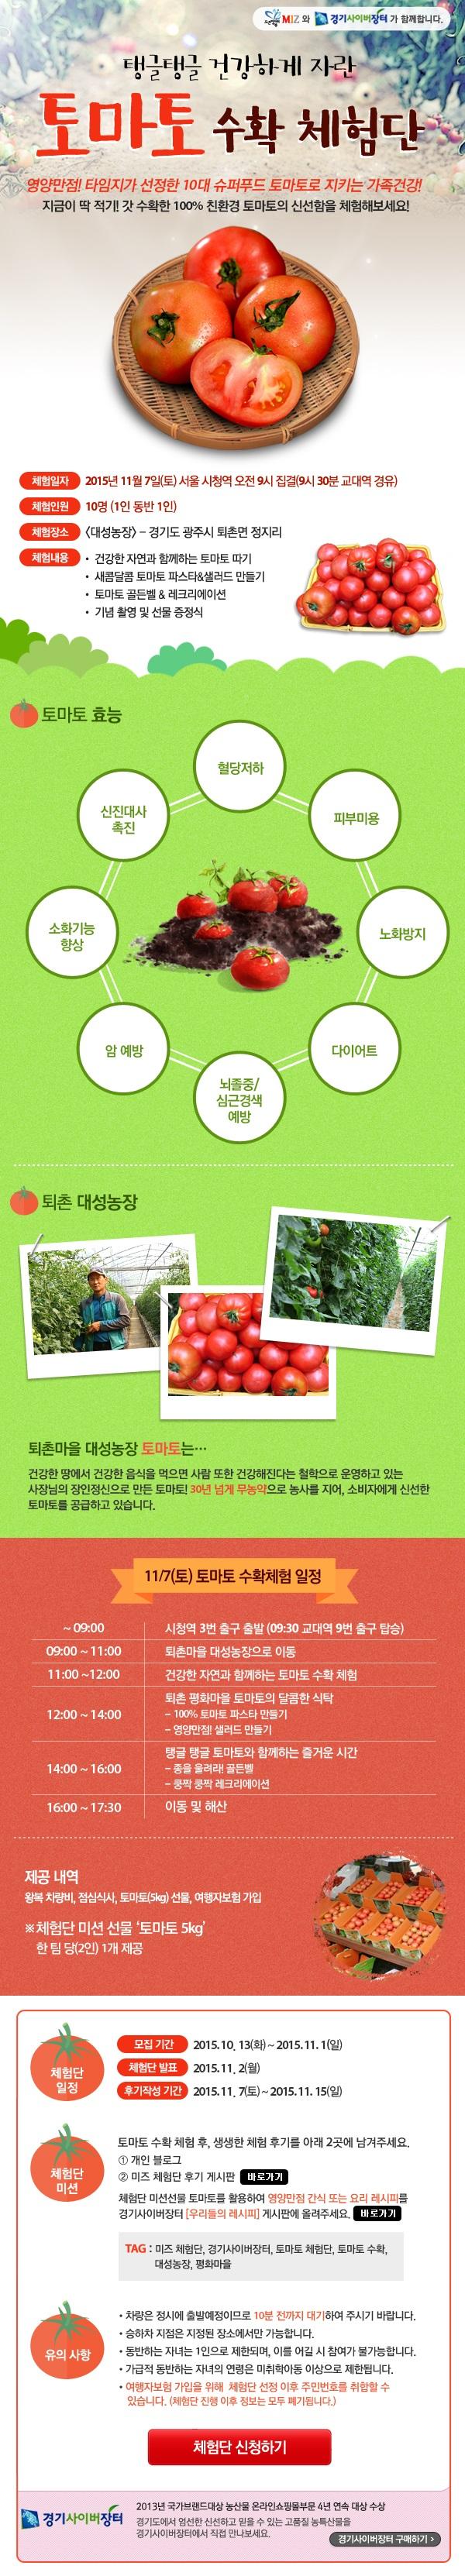 토마토 수확 체험단, miz와 경기 사이버 장터가 함께 합니다.